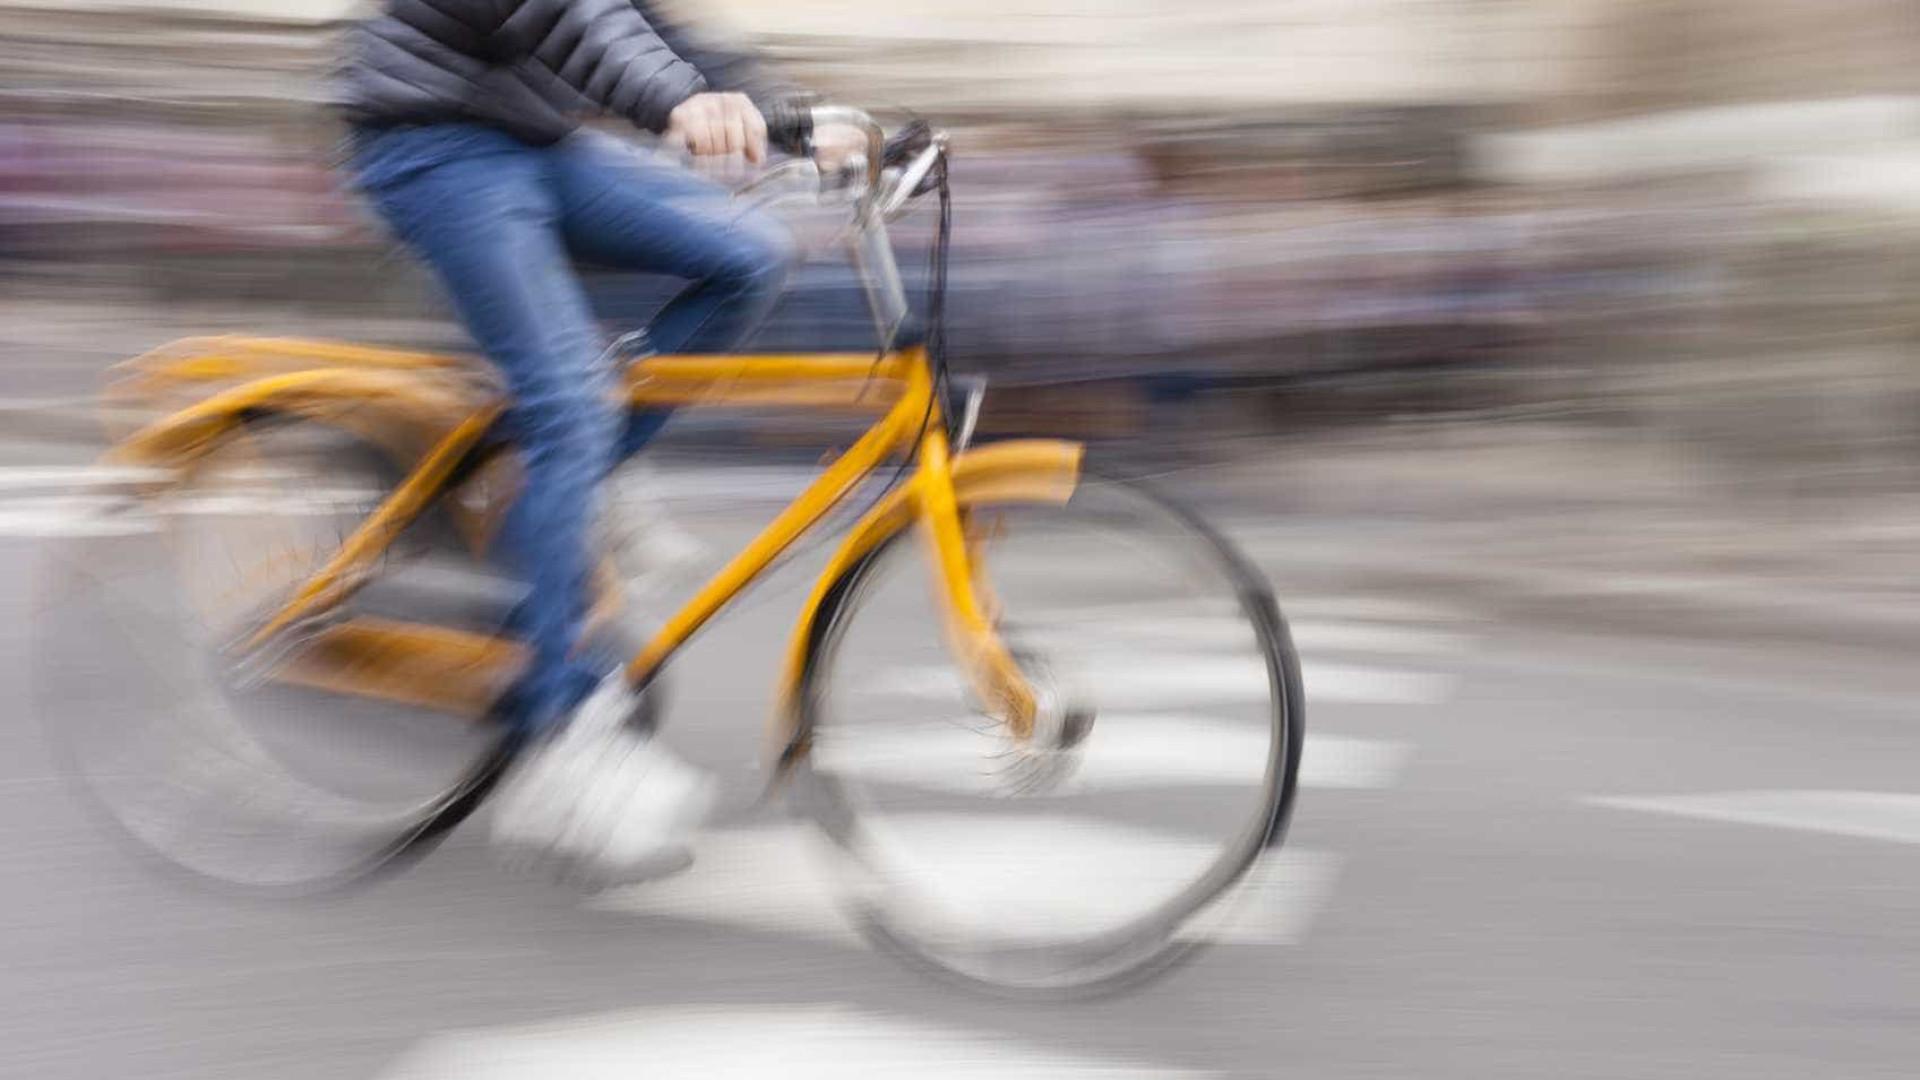 2740d2e89 Adeptos da bicicleta vão percorrer a EN2 em 80 horas